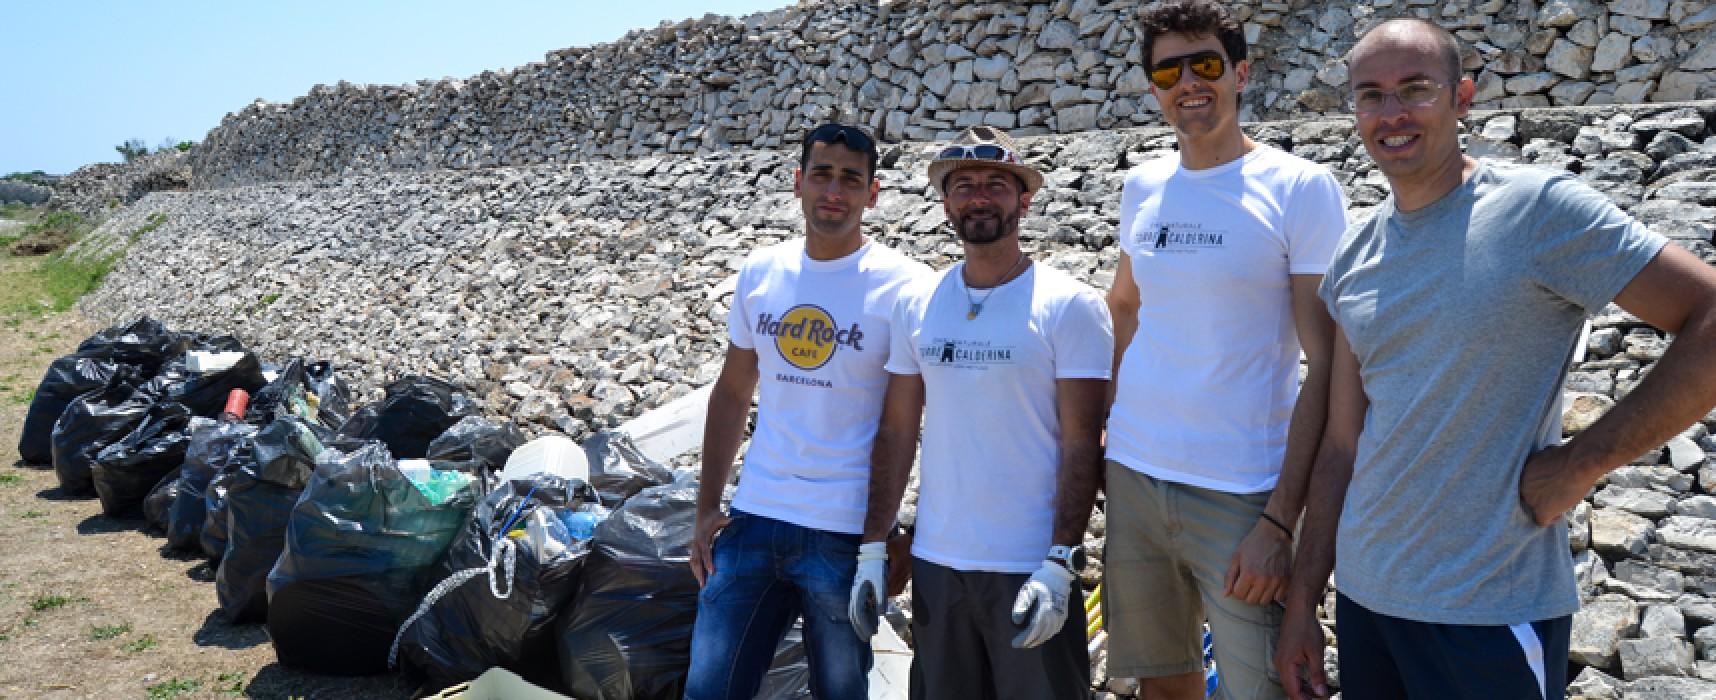 Ripulita l'Oasi di Torre Calderina, 30 sacchi di rifiuti rimossi da 60 volontari / FOTO